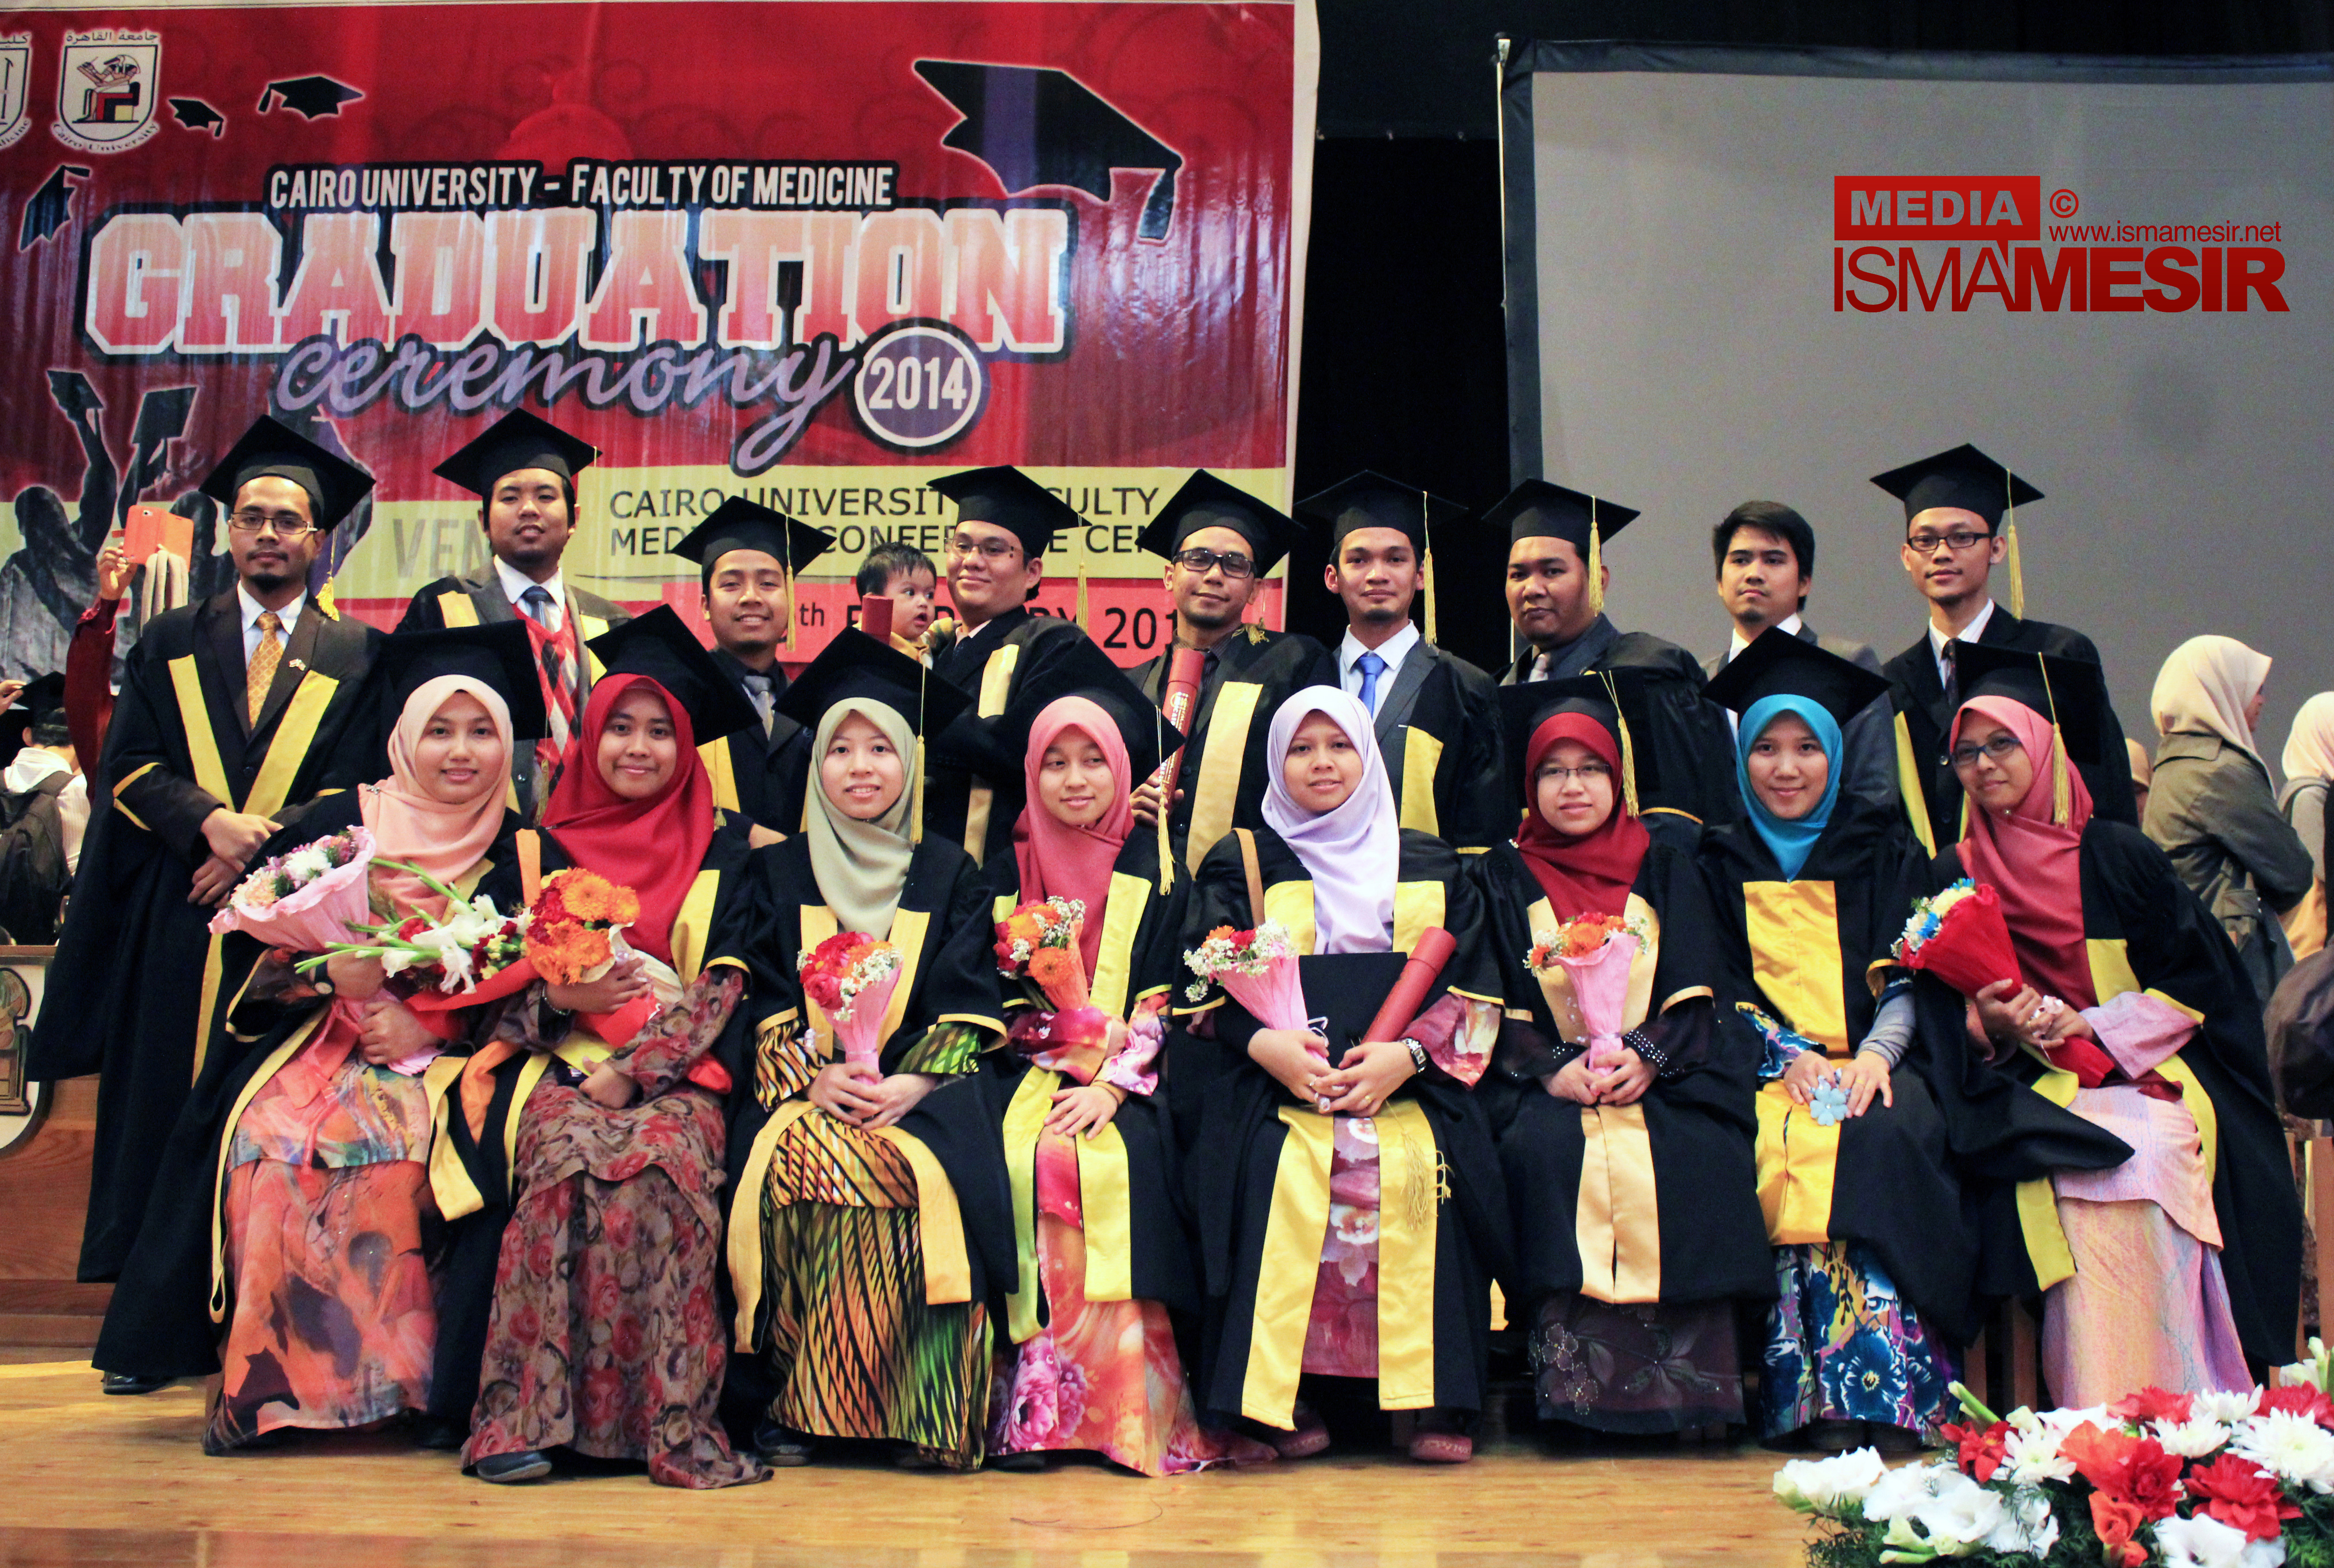 Sekalung Tahniah Buat Para Graduan Jurusan Kedoktoran